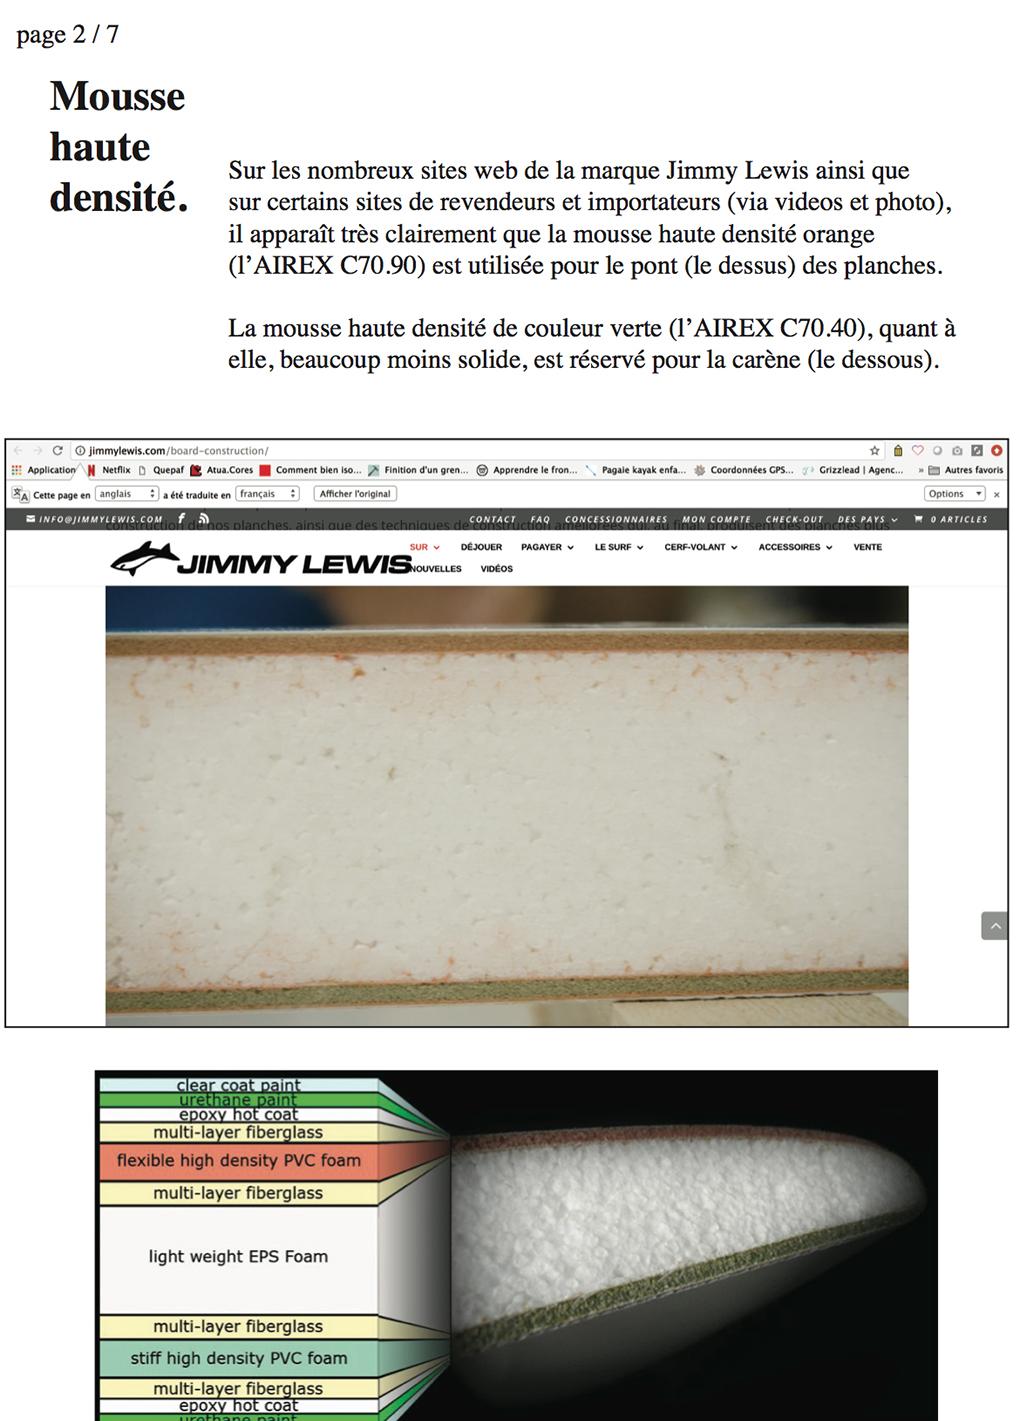 Les news de Jimmy Lewis - Page 20 Airex_12